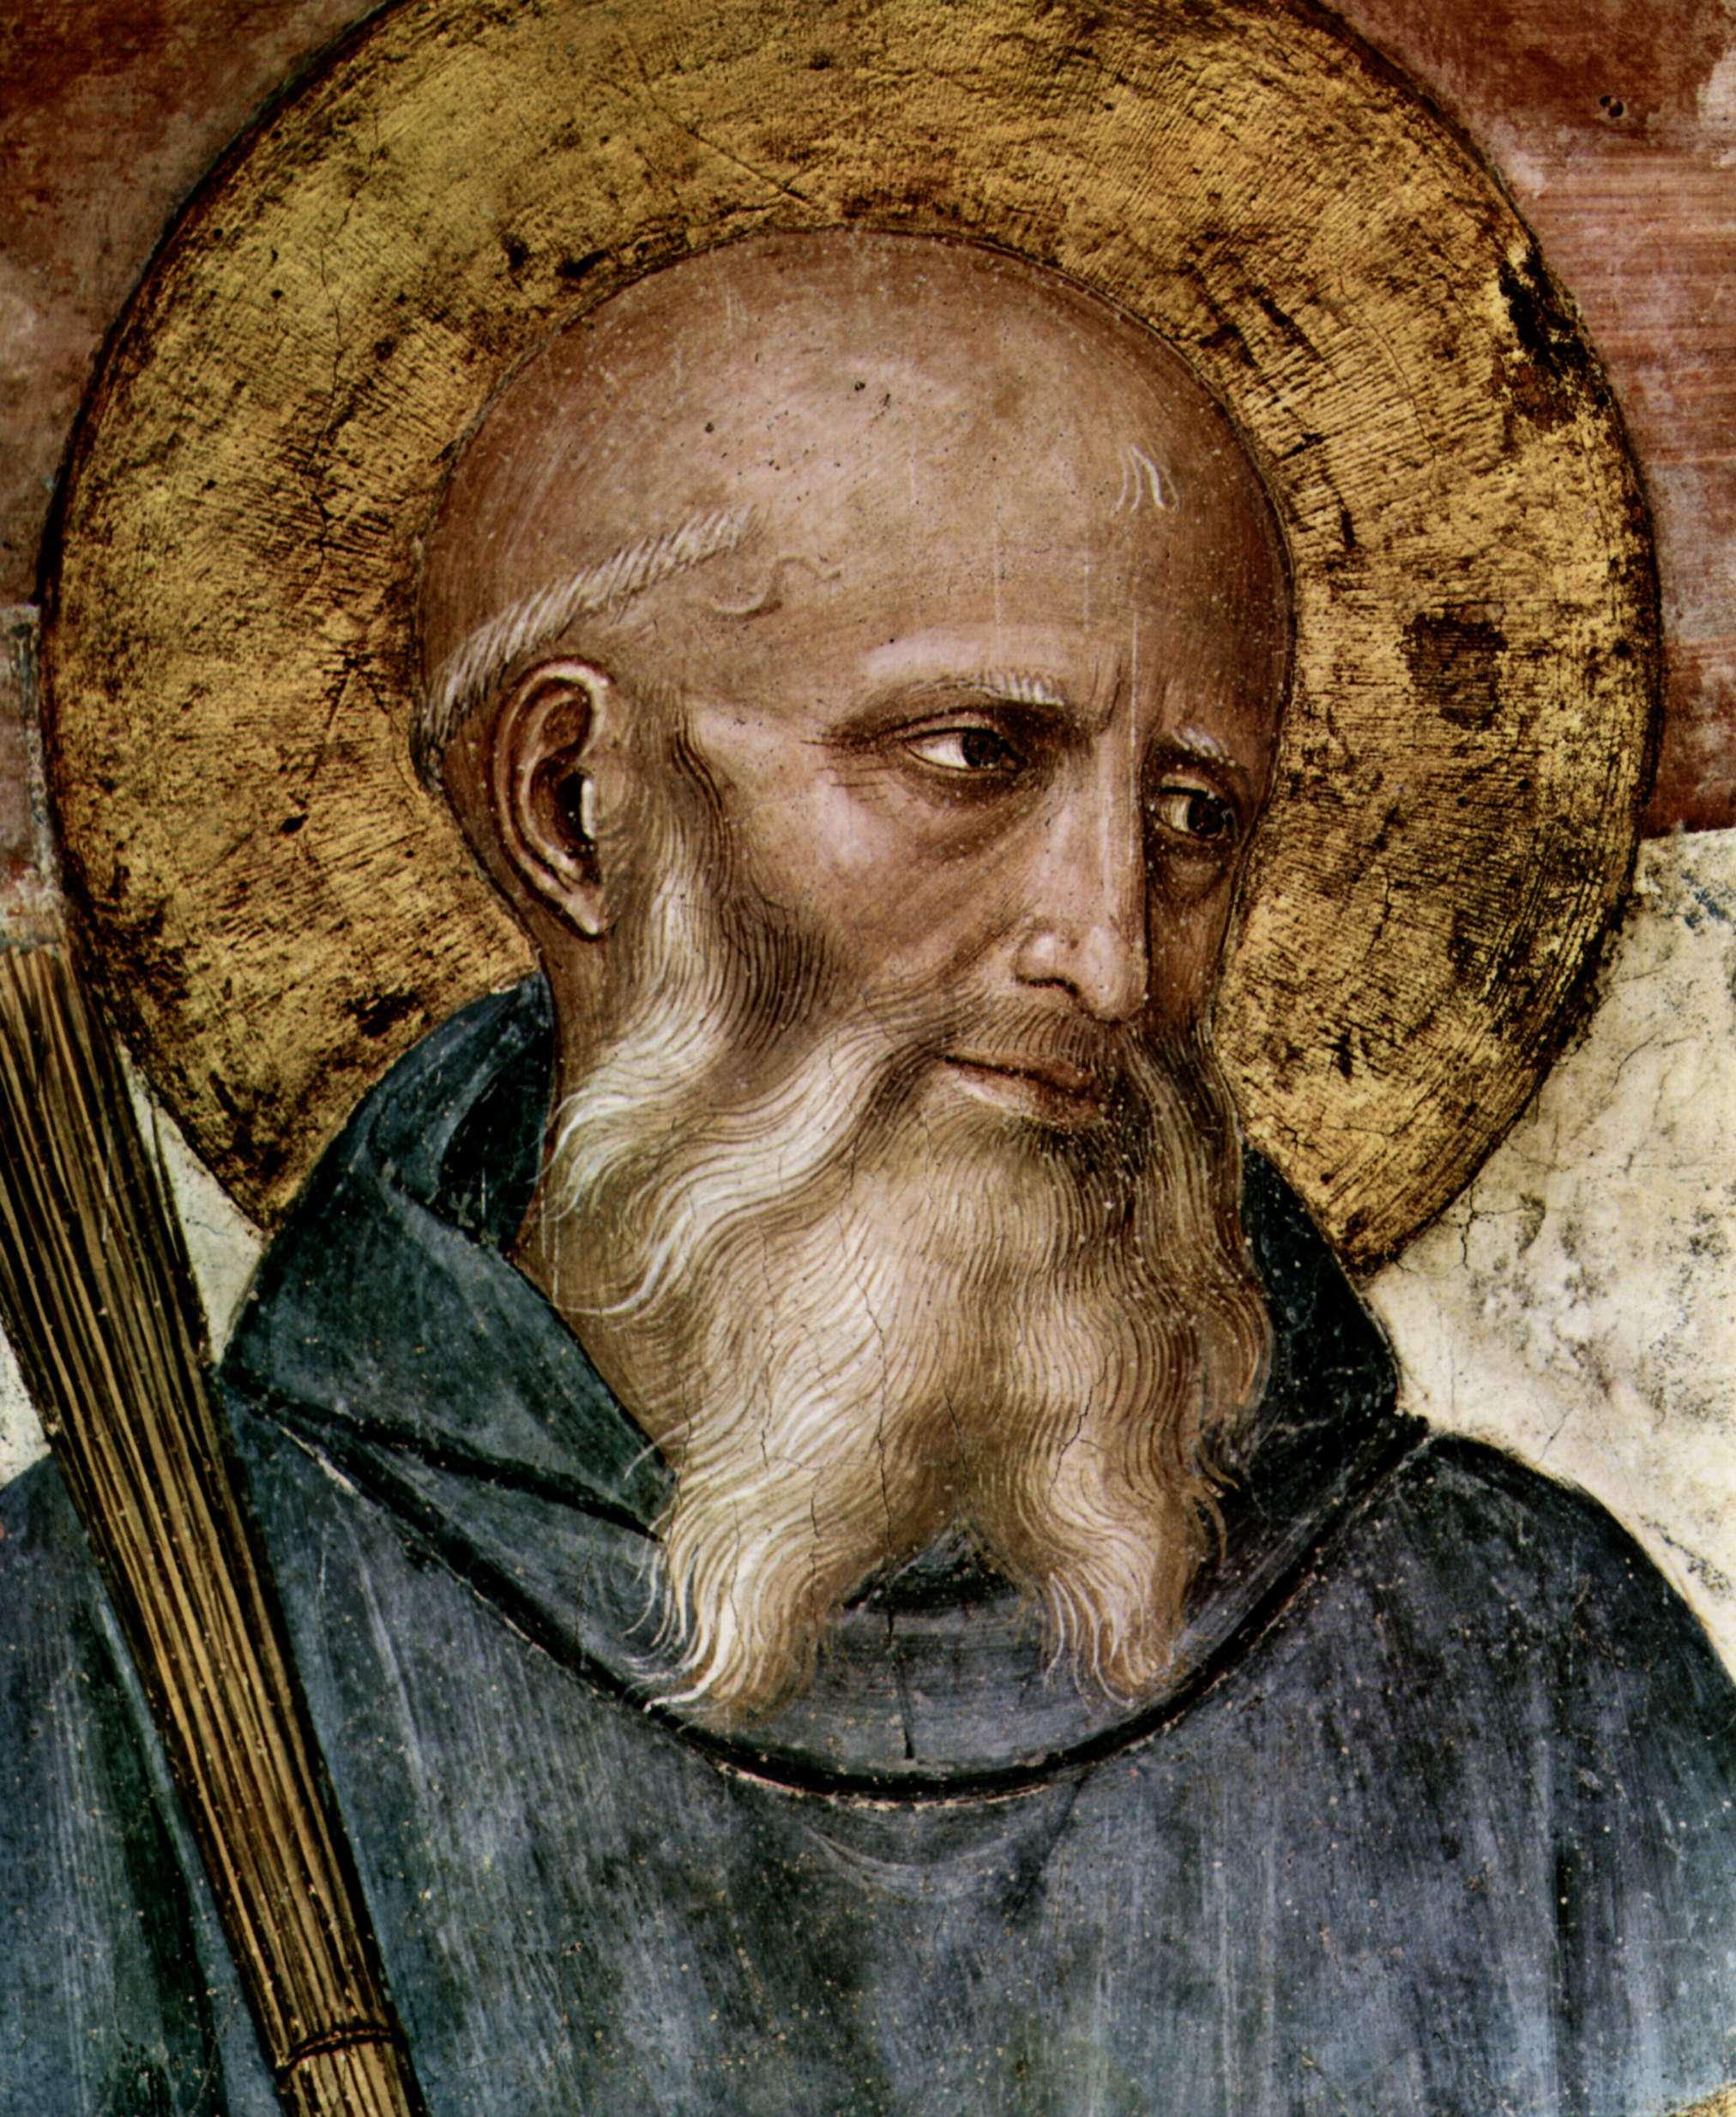 Ο Βενέδικτος ο εκ Νουρσίας ή άγιος Βενέδικτος για τους καθολικούς και τους ορθόδοξους (~480-547) ήταν ο ιδρυτής του τάγματος των Βενεδικτίνων μοναχών και, γενικότερα, του δυτικού μοναχισμού. Λεπτομέρεια από φρέσκο του Φρα Αντζέλικο.